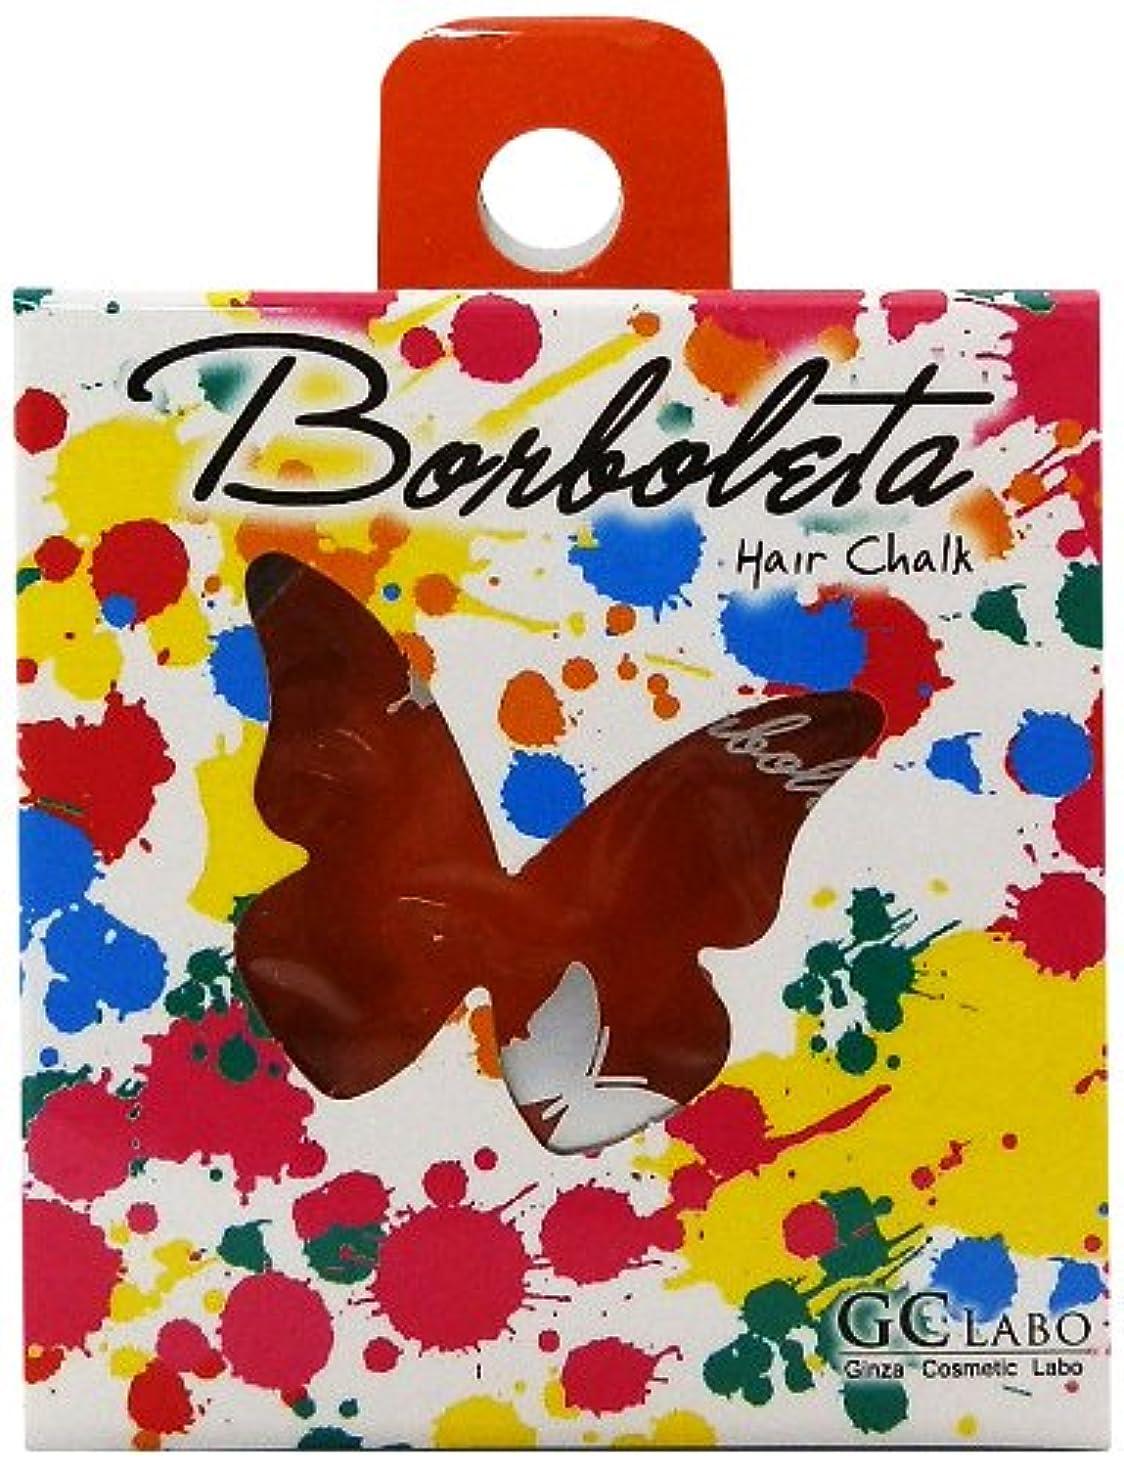 章下線好奇心盛BorBoLeta(ボルボレッタ)ヘアカラーチョーク オレンジ